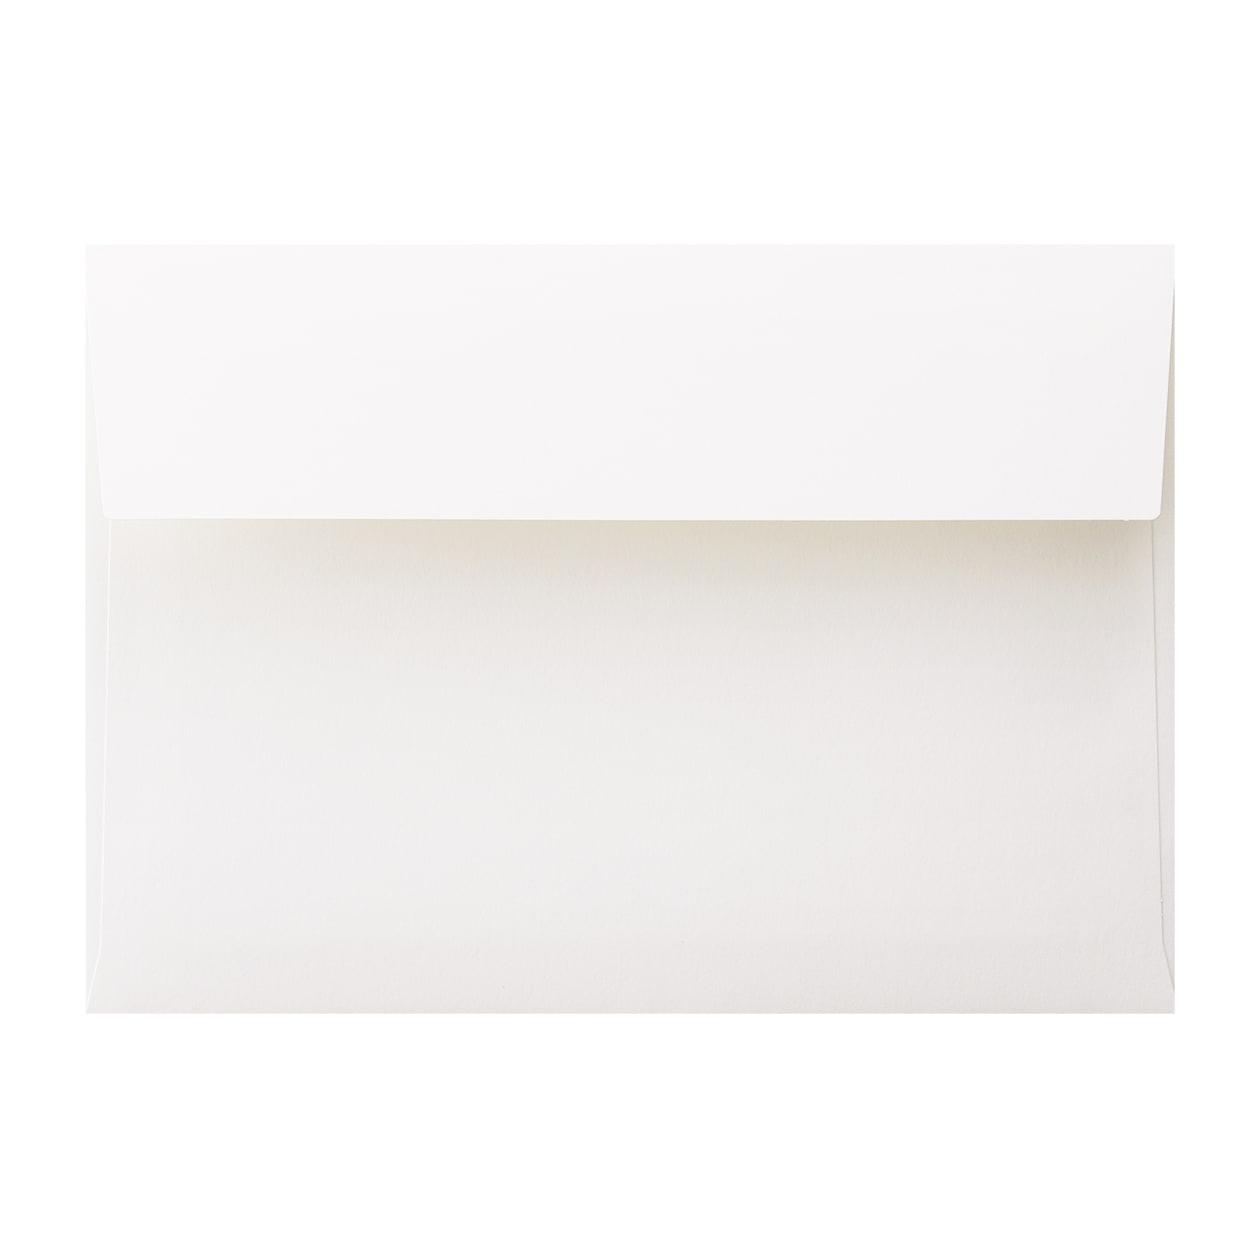 サンプル 封筒・袋 00136